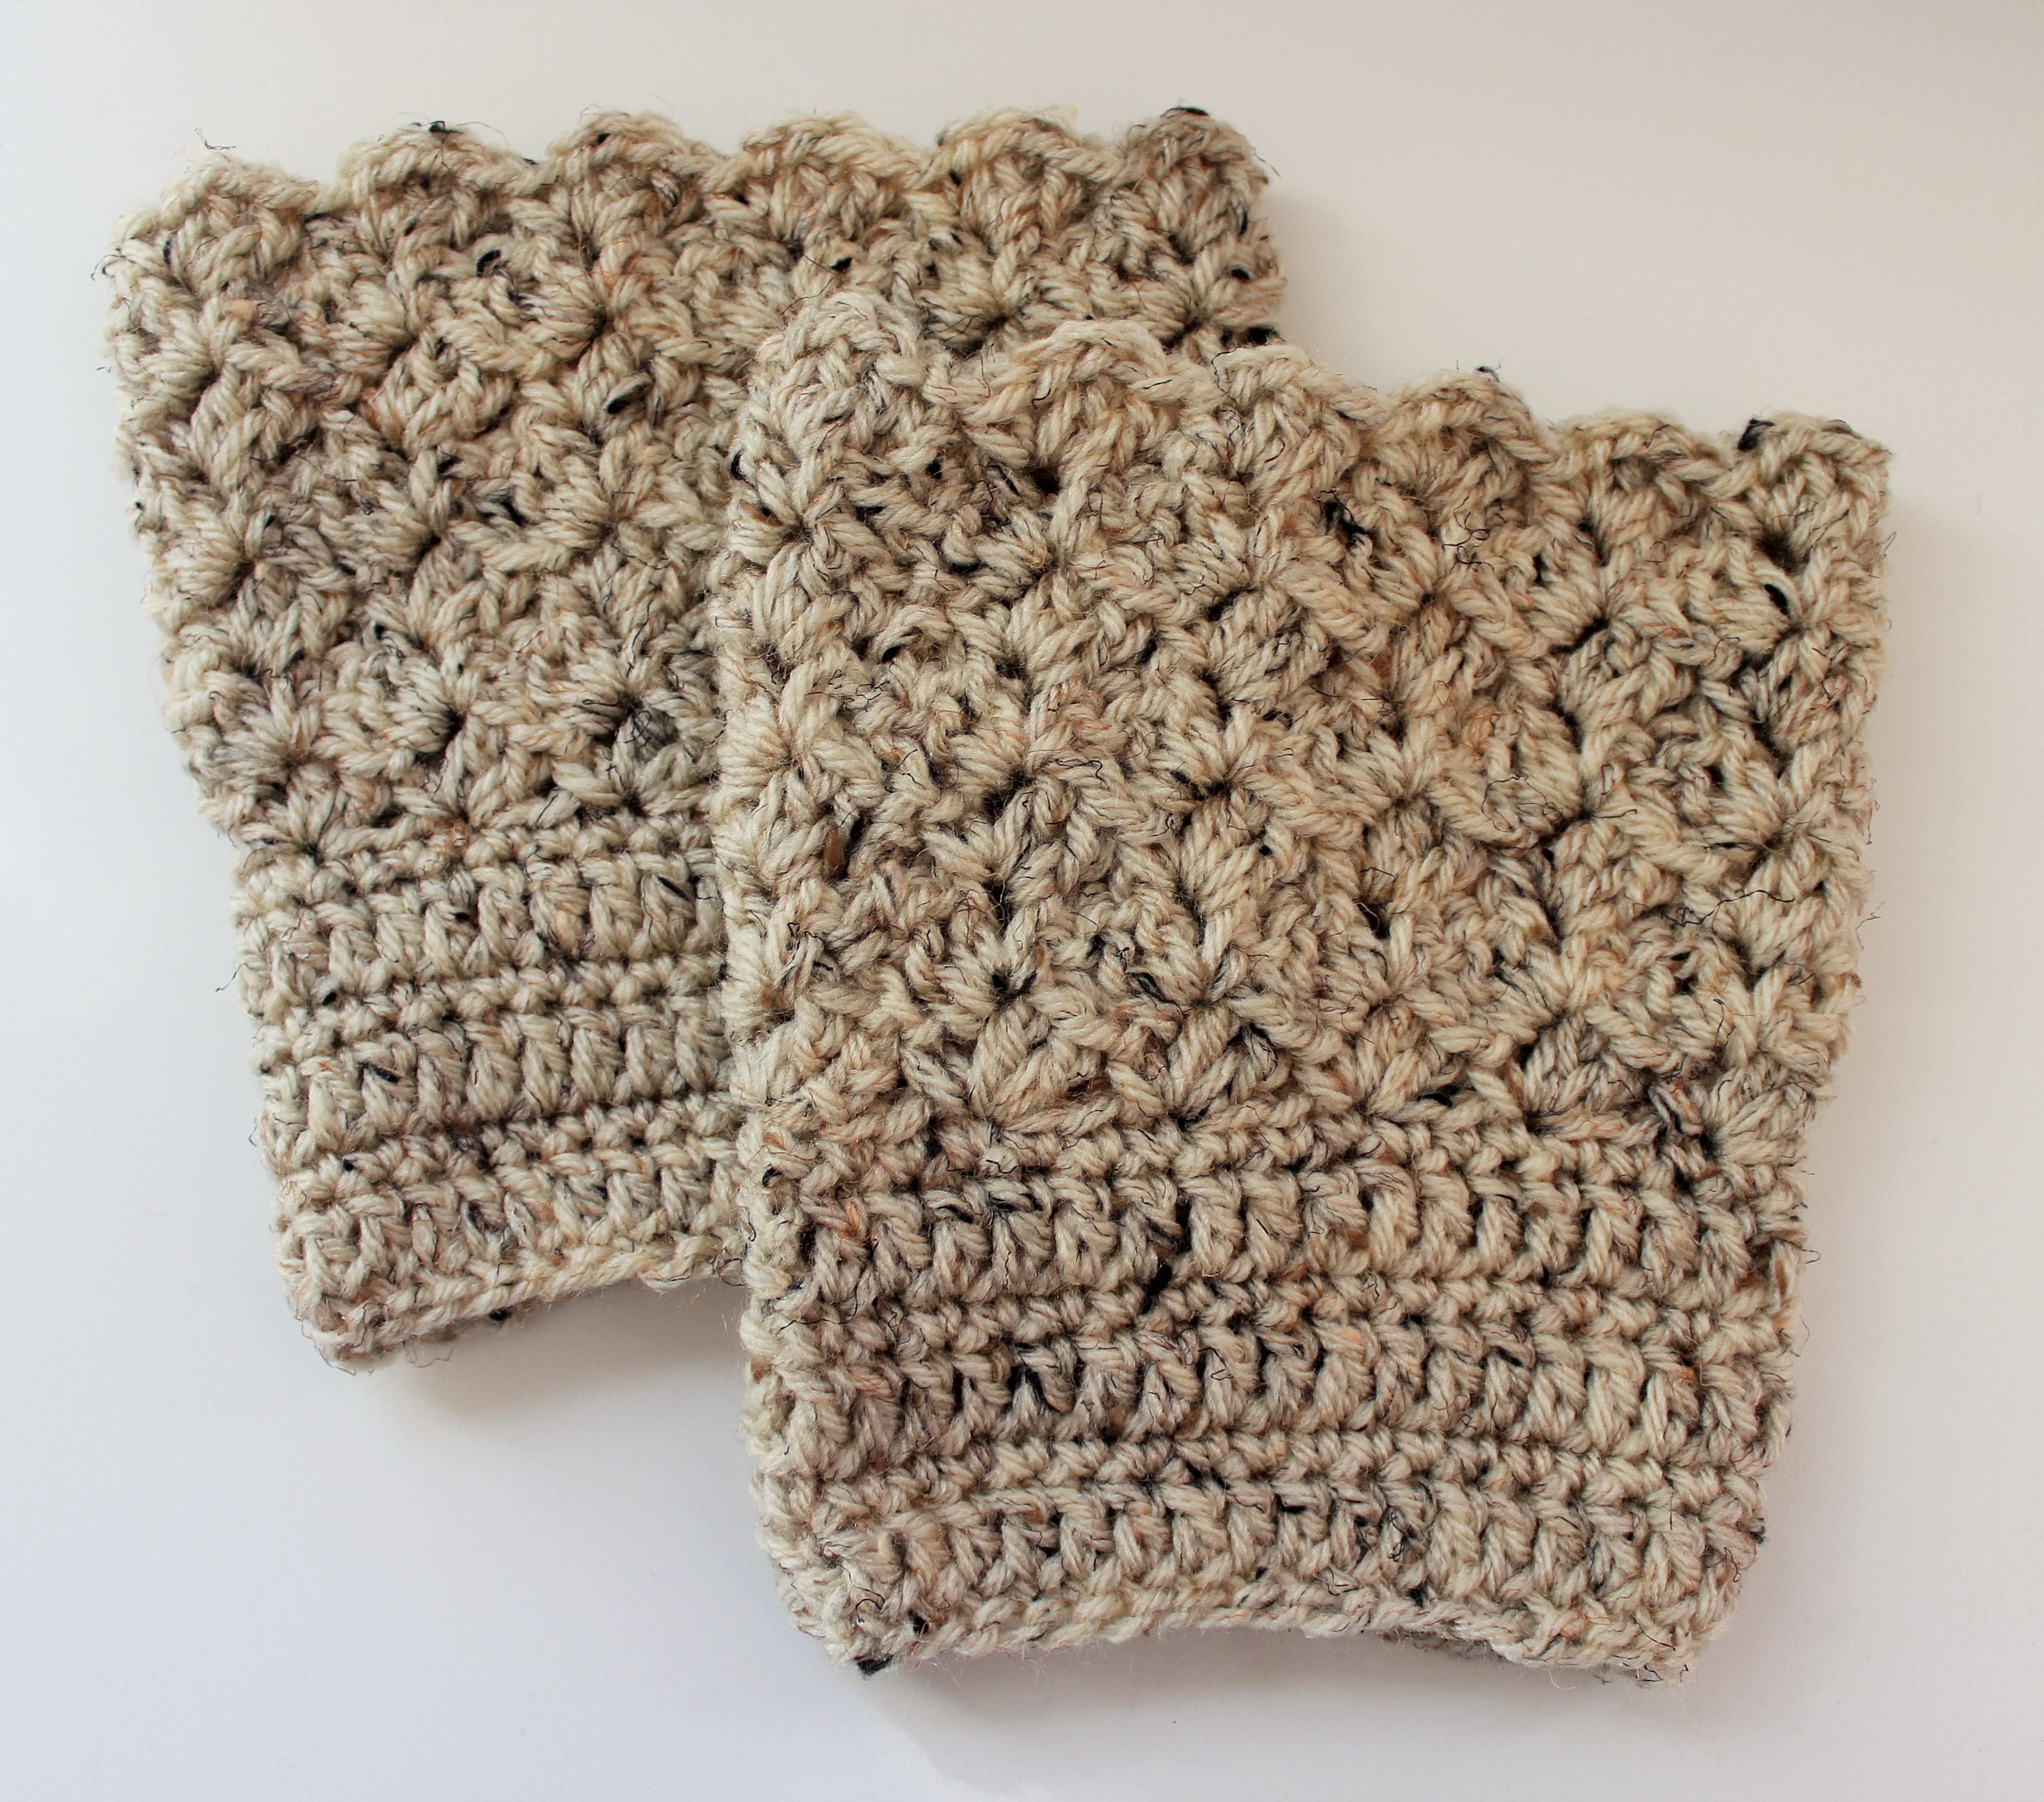 Crochet Ear Warmer Pattern For Toddlers : Crochet Pattern - Queens Lace Ear Warmer to fit Toddlers ...